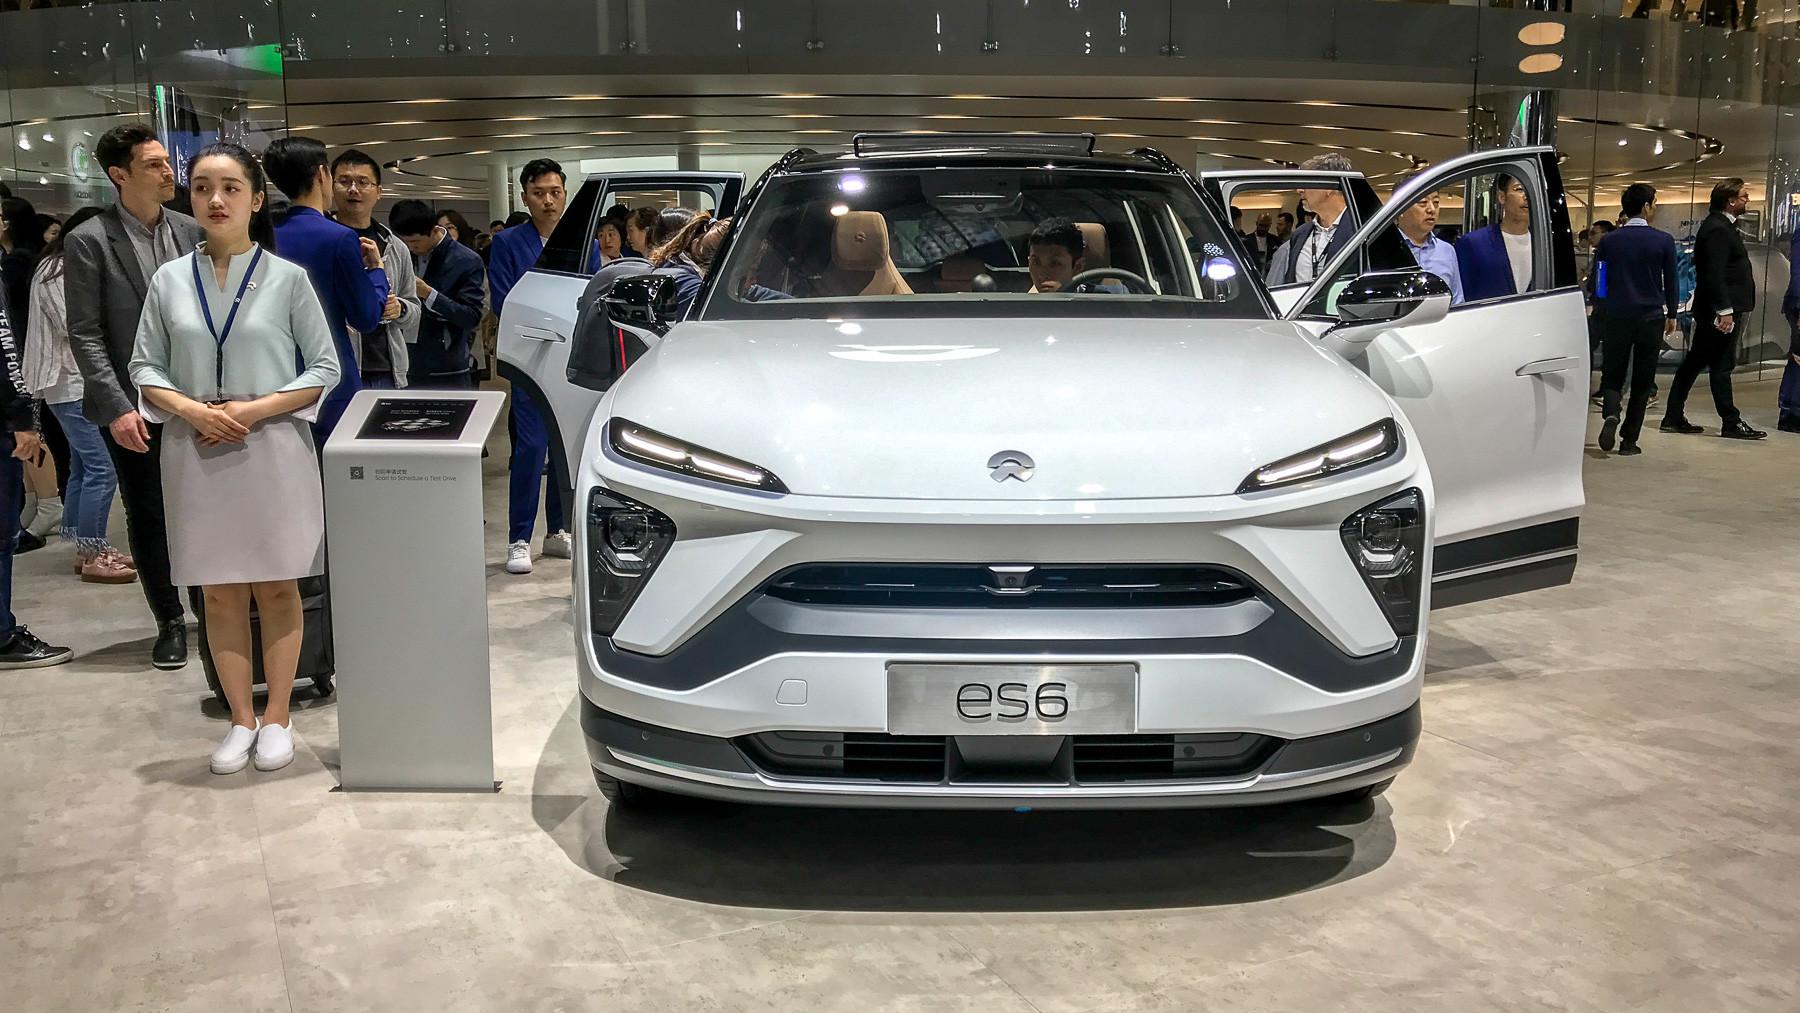 Представлены очень дорогие китайские автомобили  2